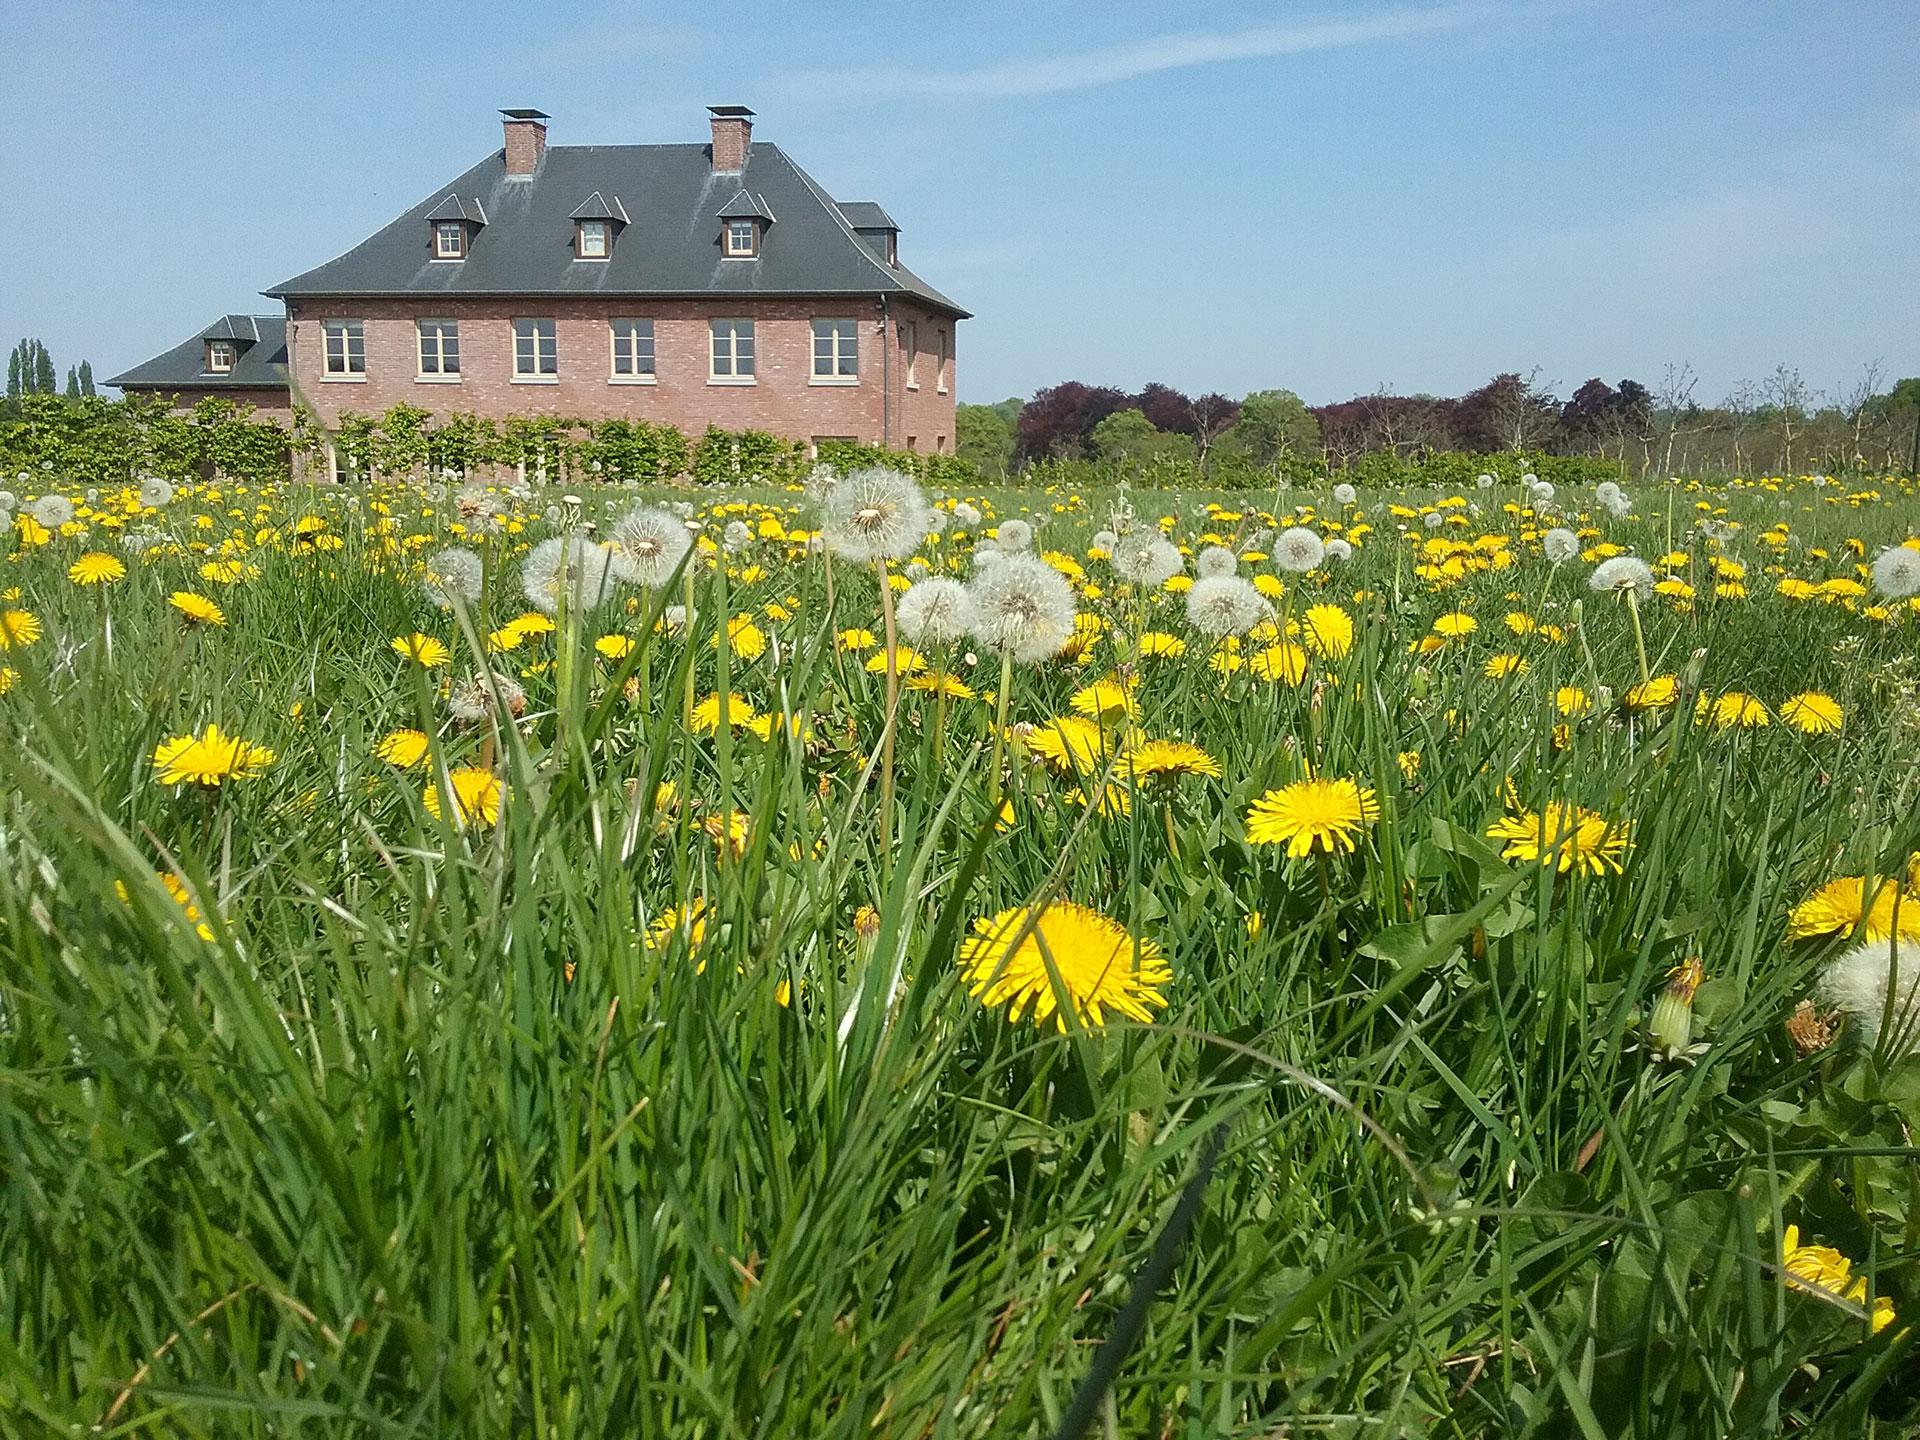 Maison d'hôtes - La Noiseraie - Temploux - 4 épis